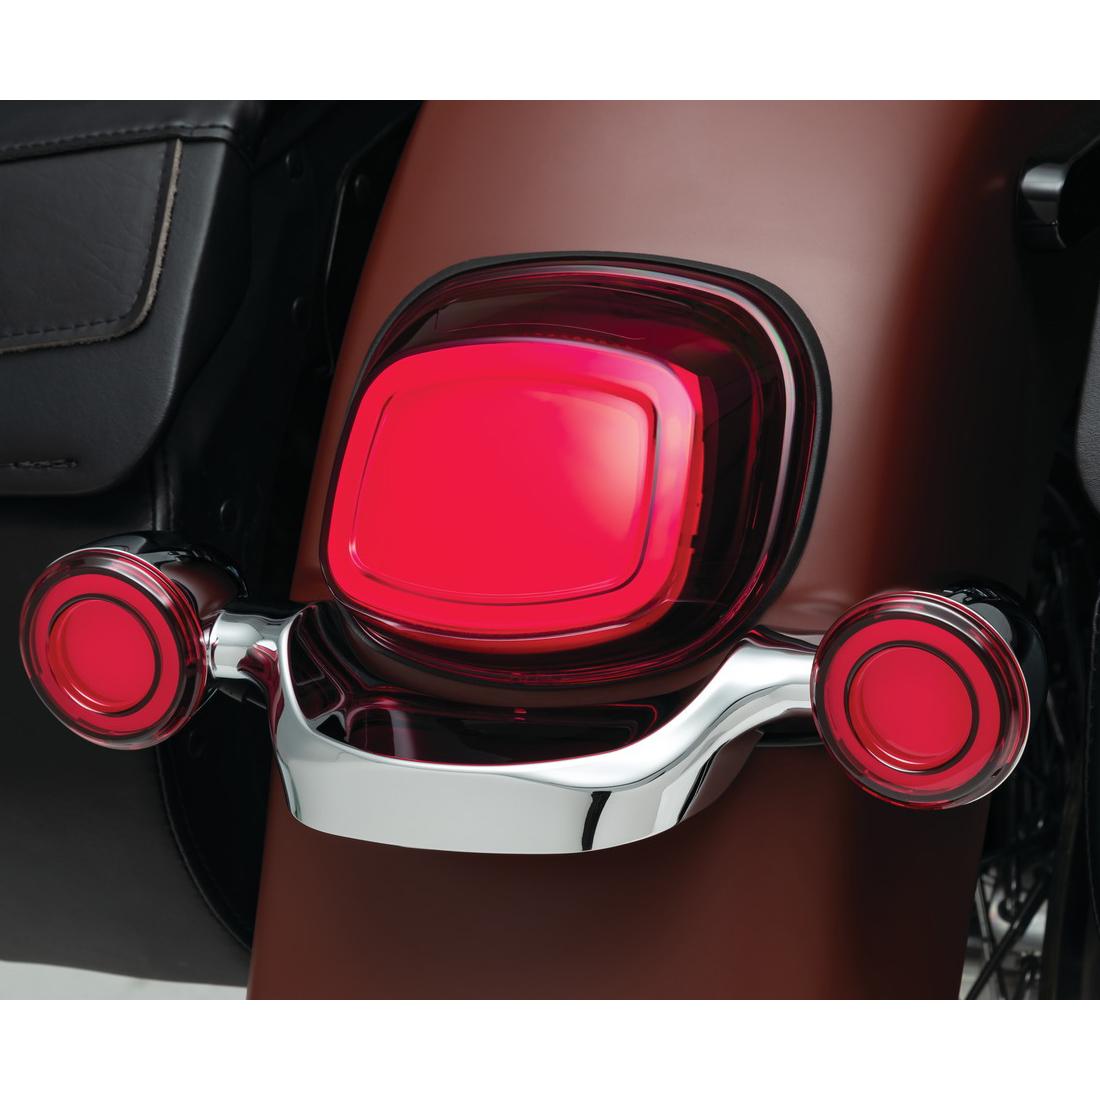 クリアキン 【Kuryakyn】TRACER LEDテールライト ライセンス灯窓無し レッド 2912